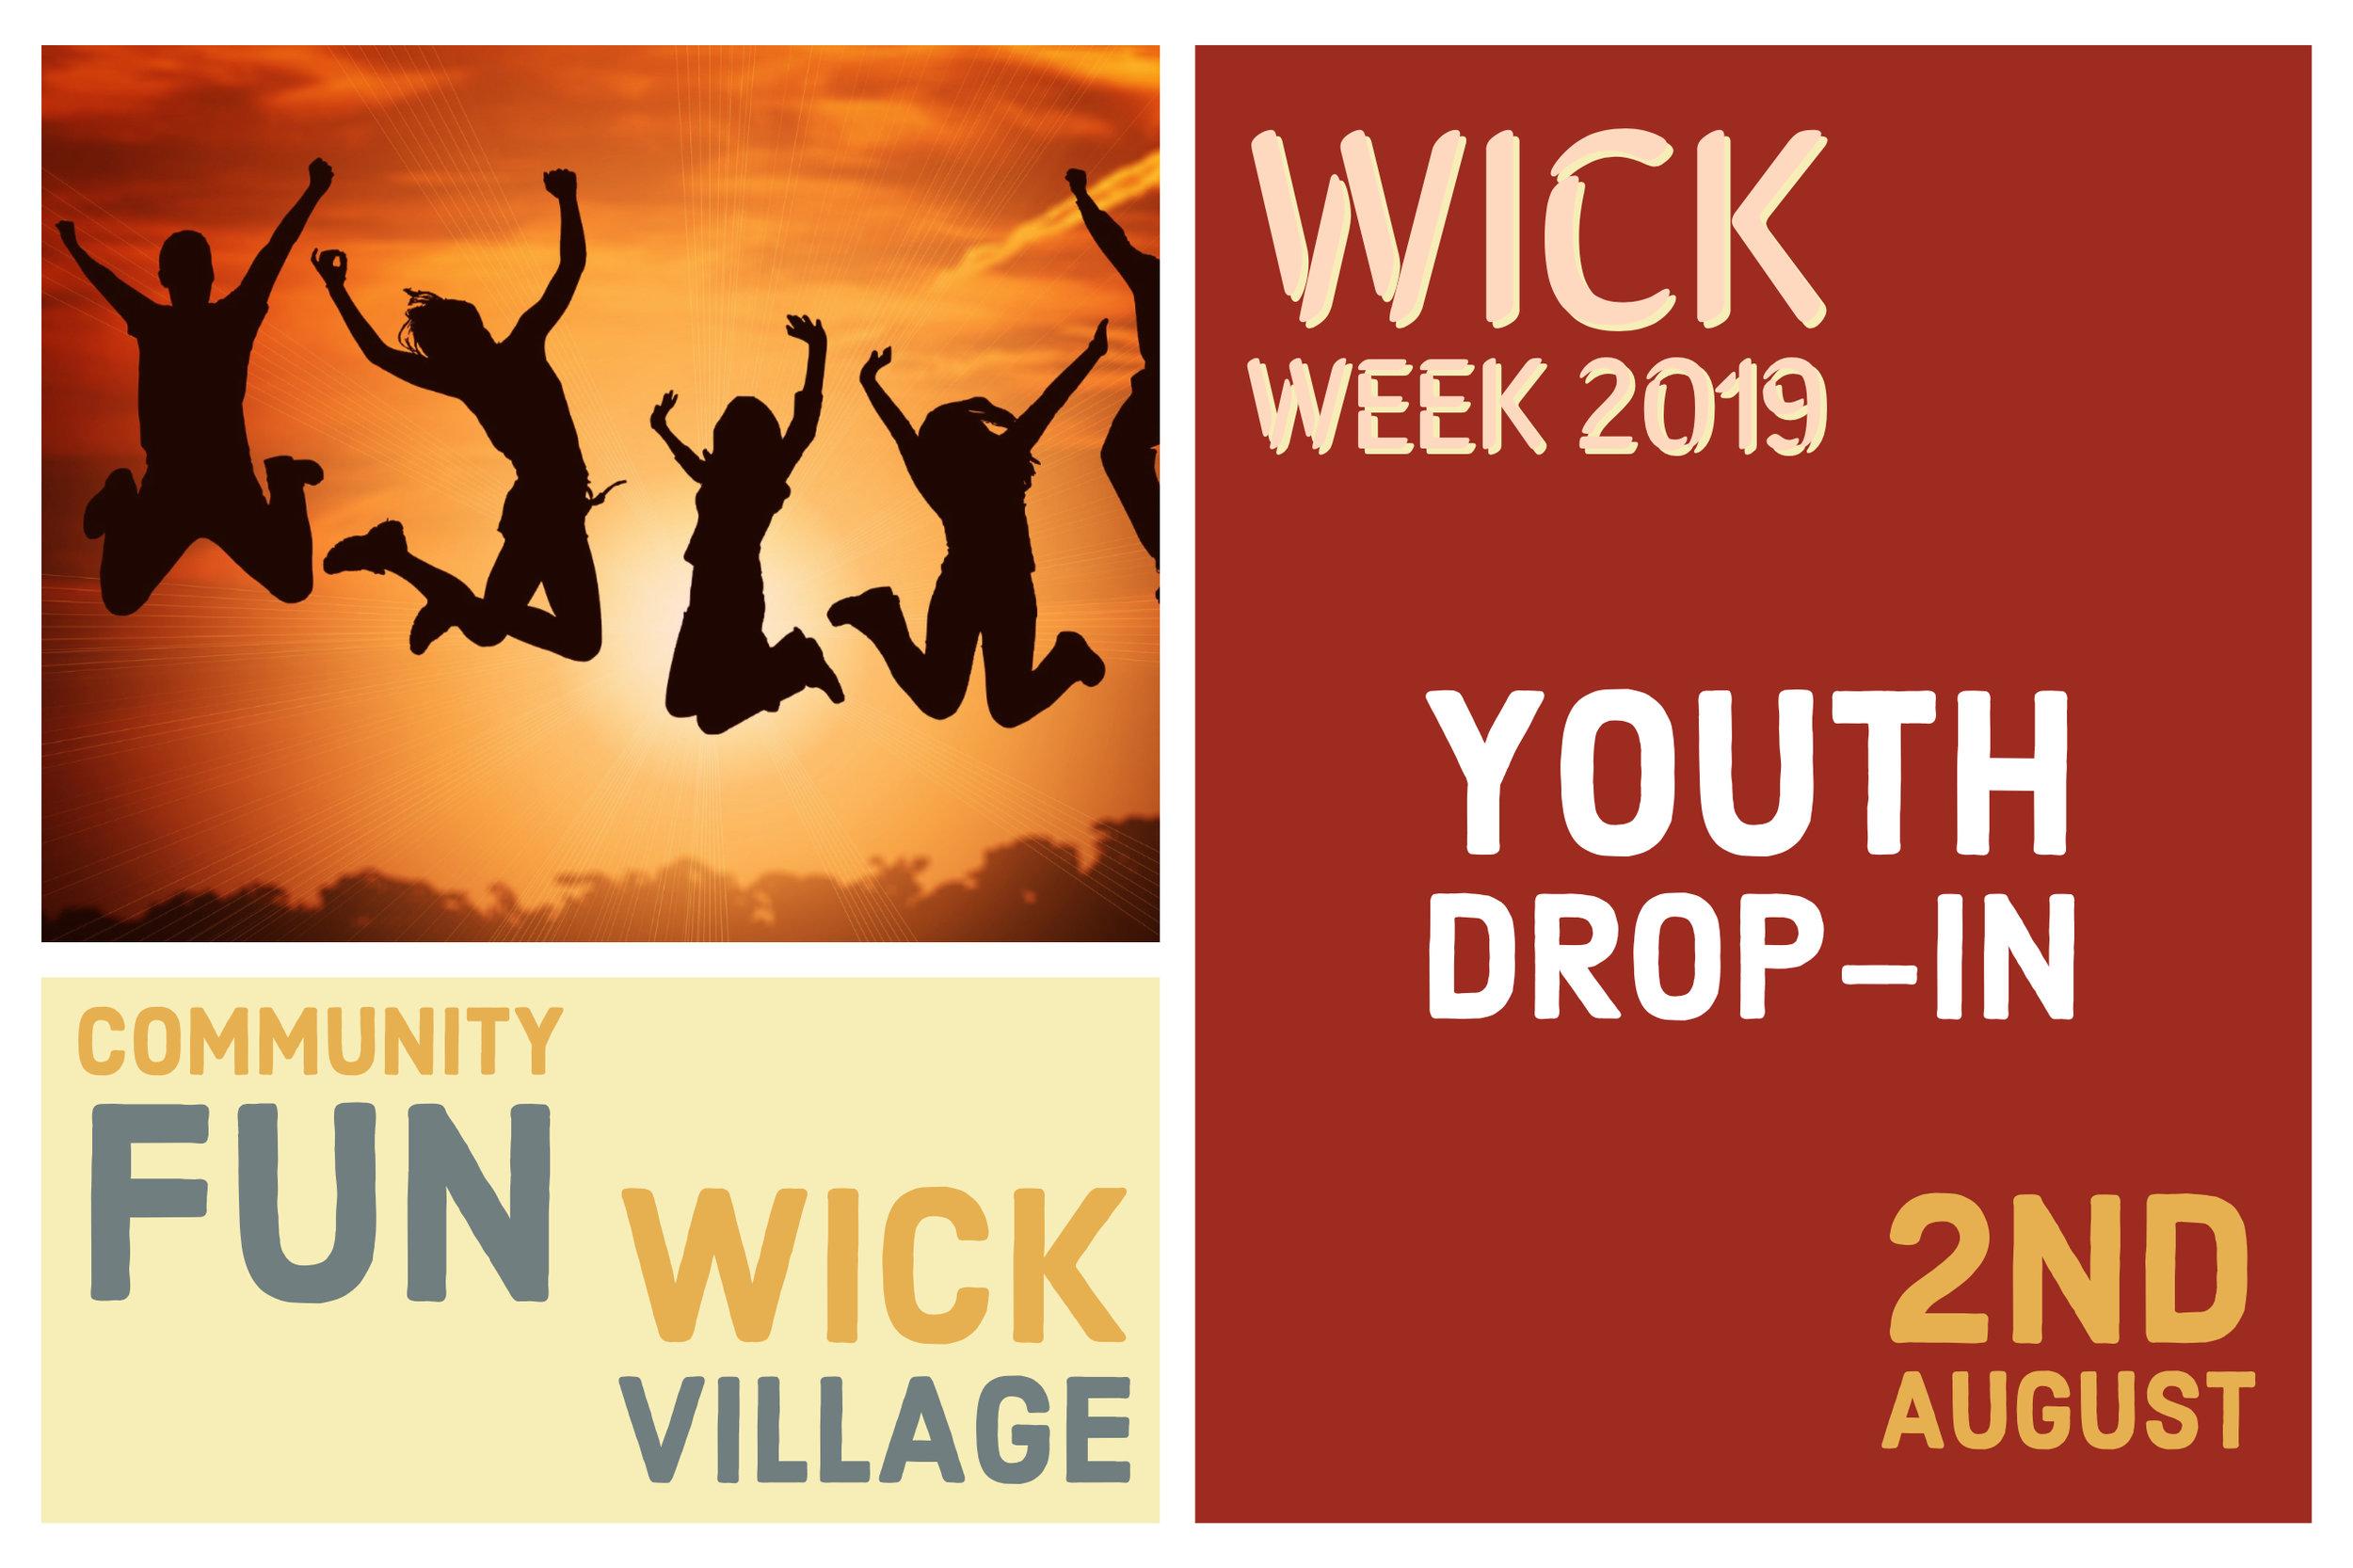 Wick Week 2019 - Youth Drop-In.